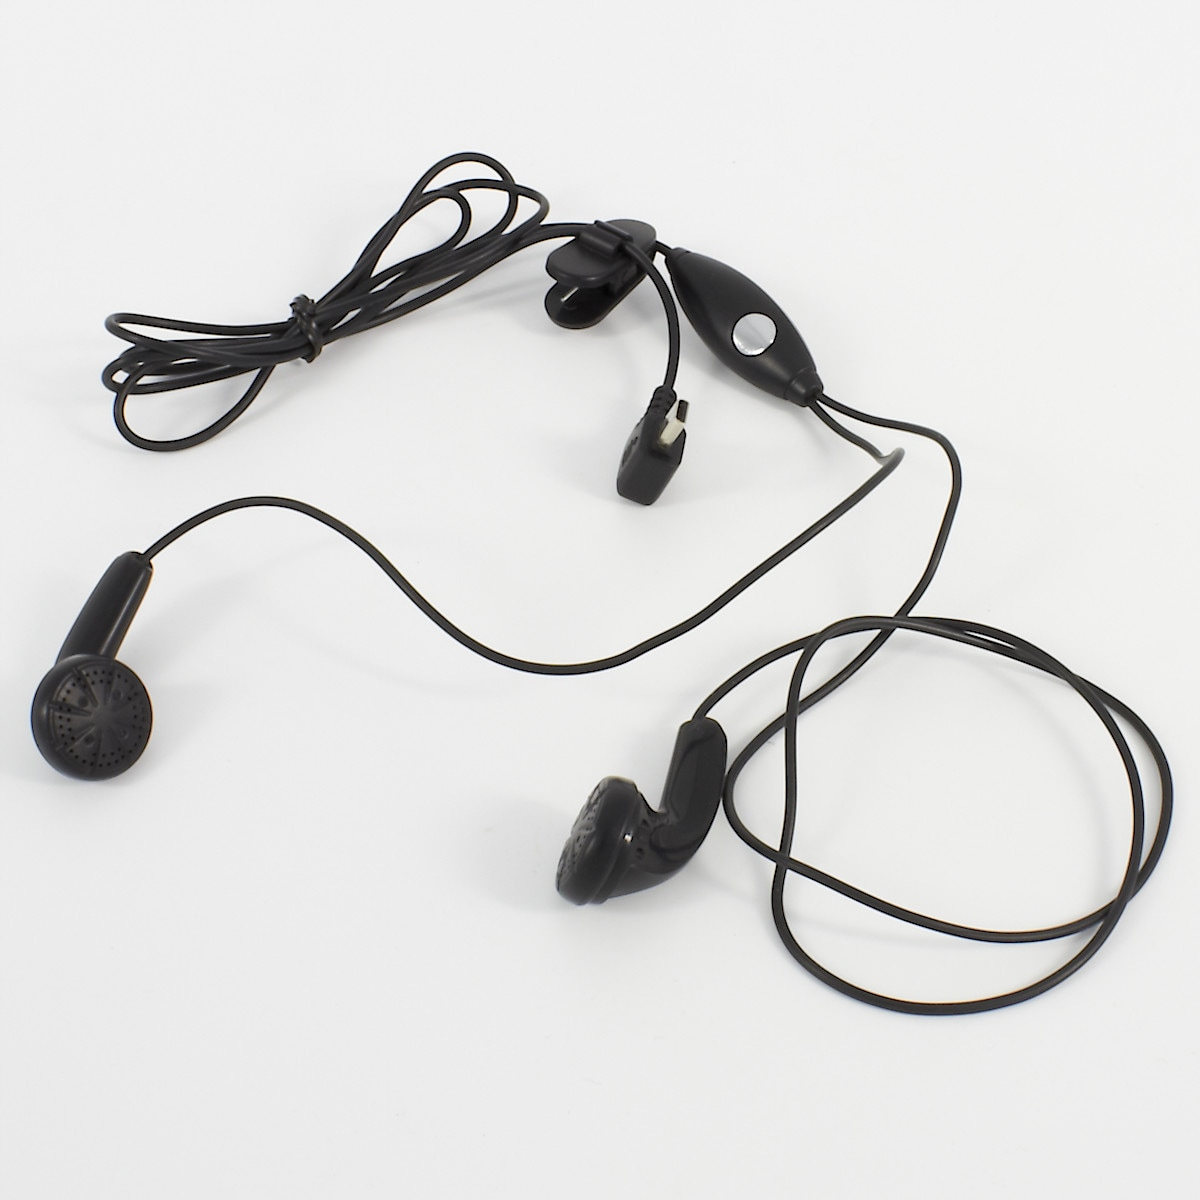 Headset Doro 326/328